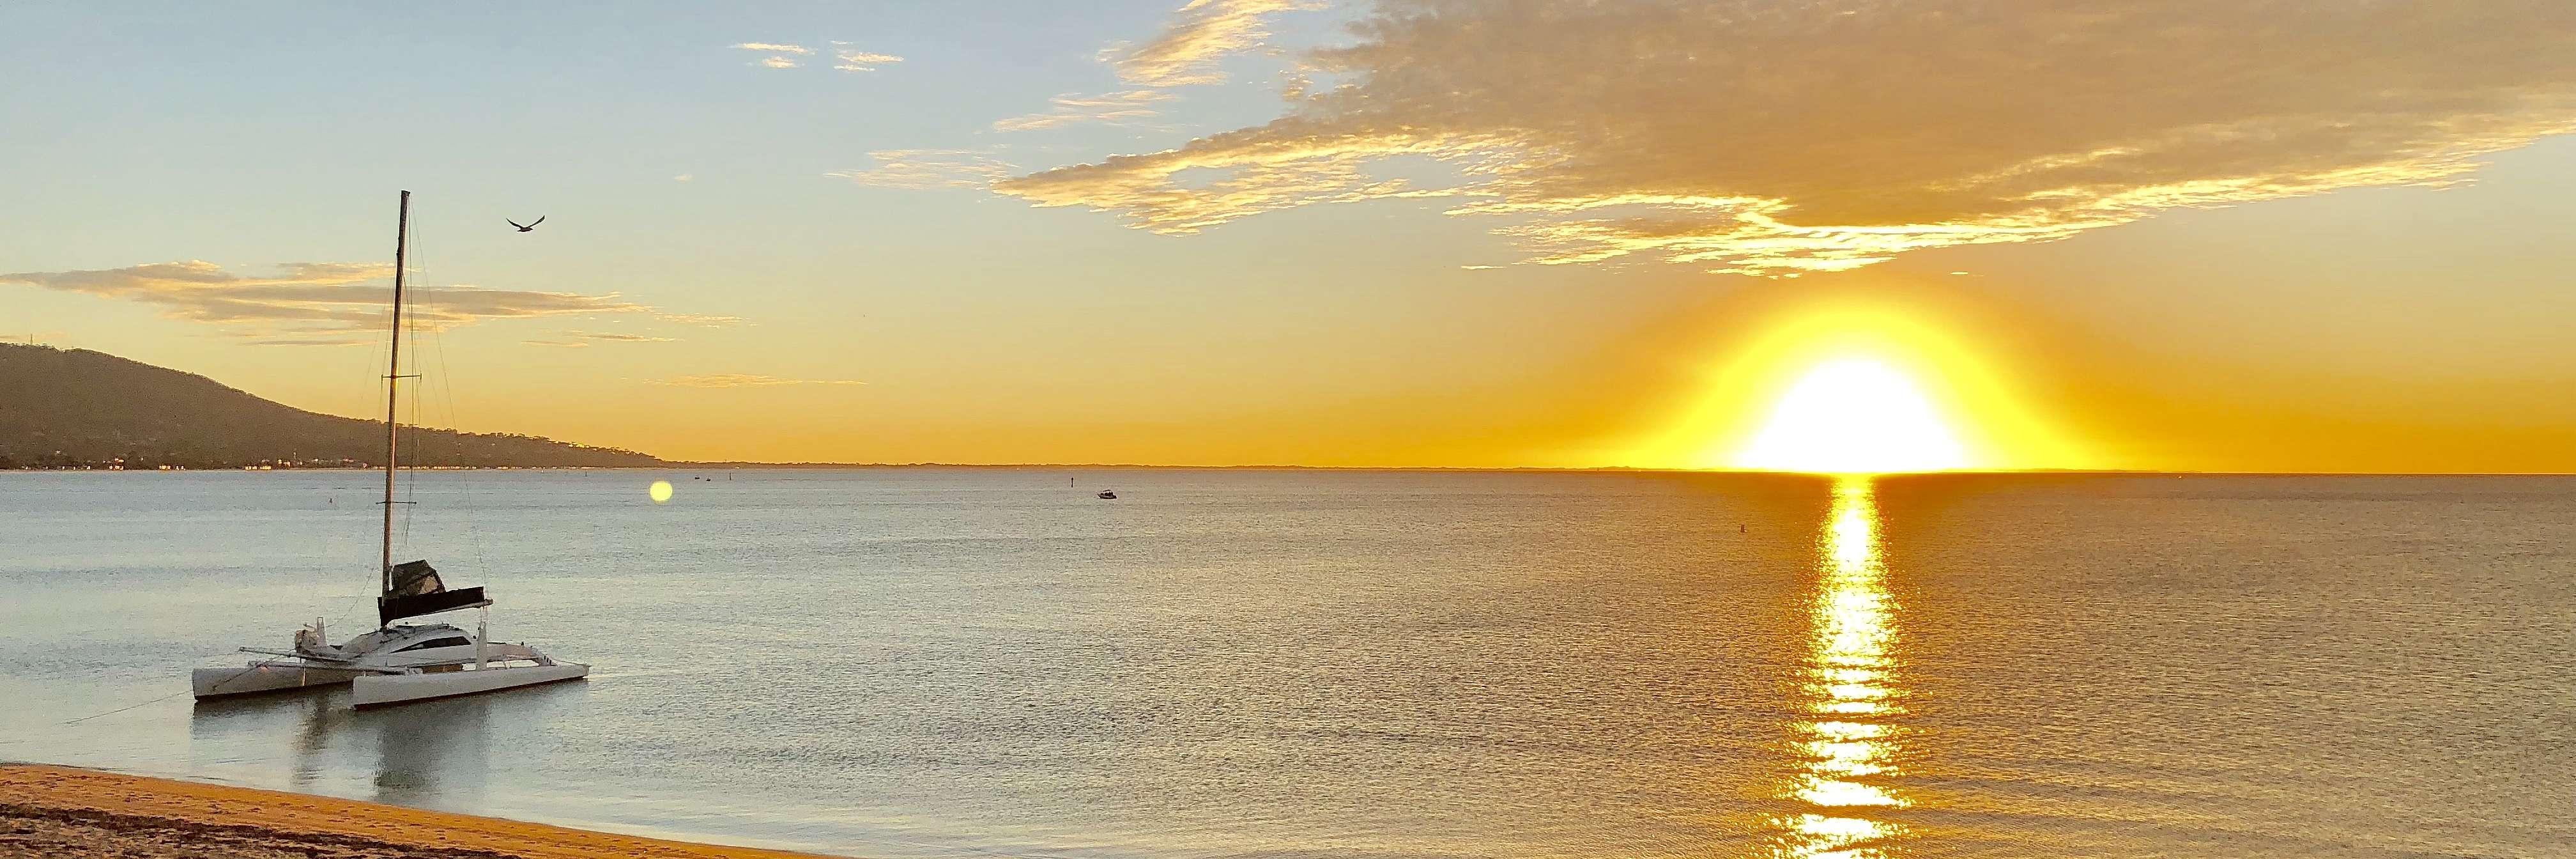 Anchorage8 Martha Cove Marina – Stroll to beach